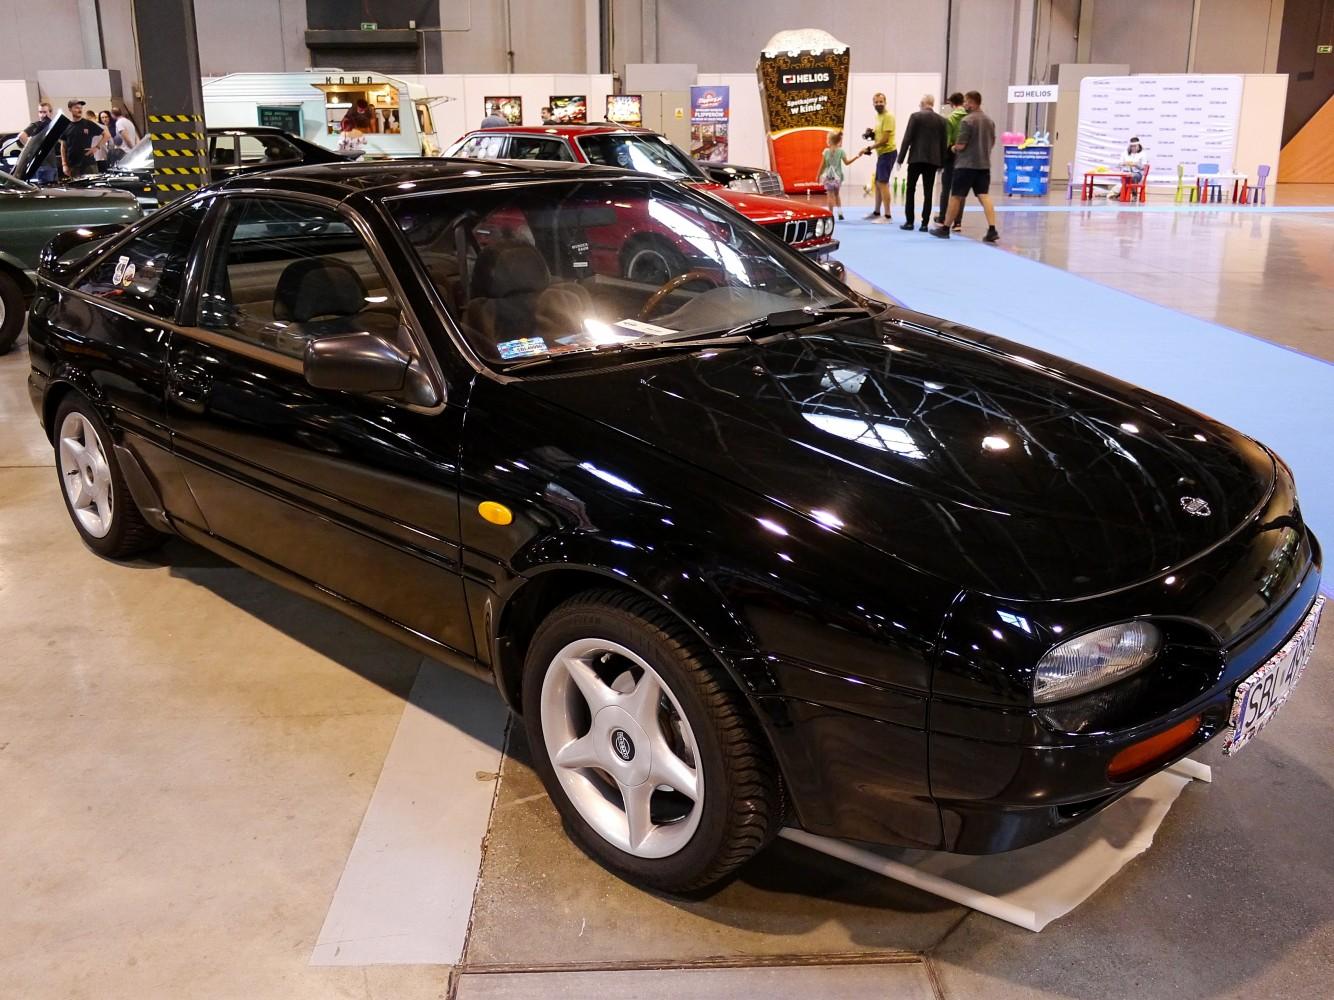 Kliknij obrazek, aby uzyskać większą wersję  Nazwa:Nissan 100NX.jpg Wyświetleń:52 Rozmiar:343,7 KB ID:232483